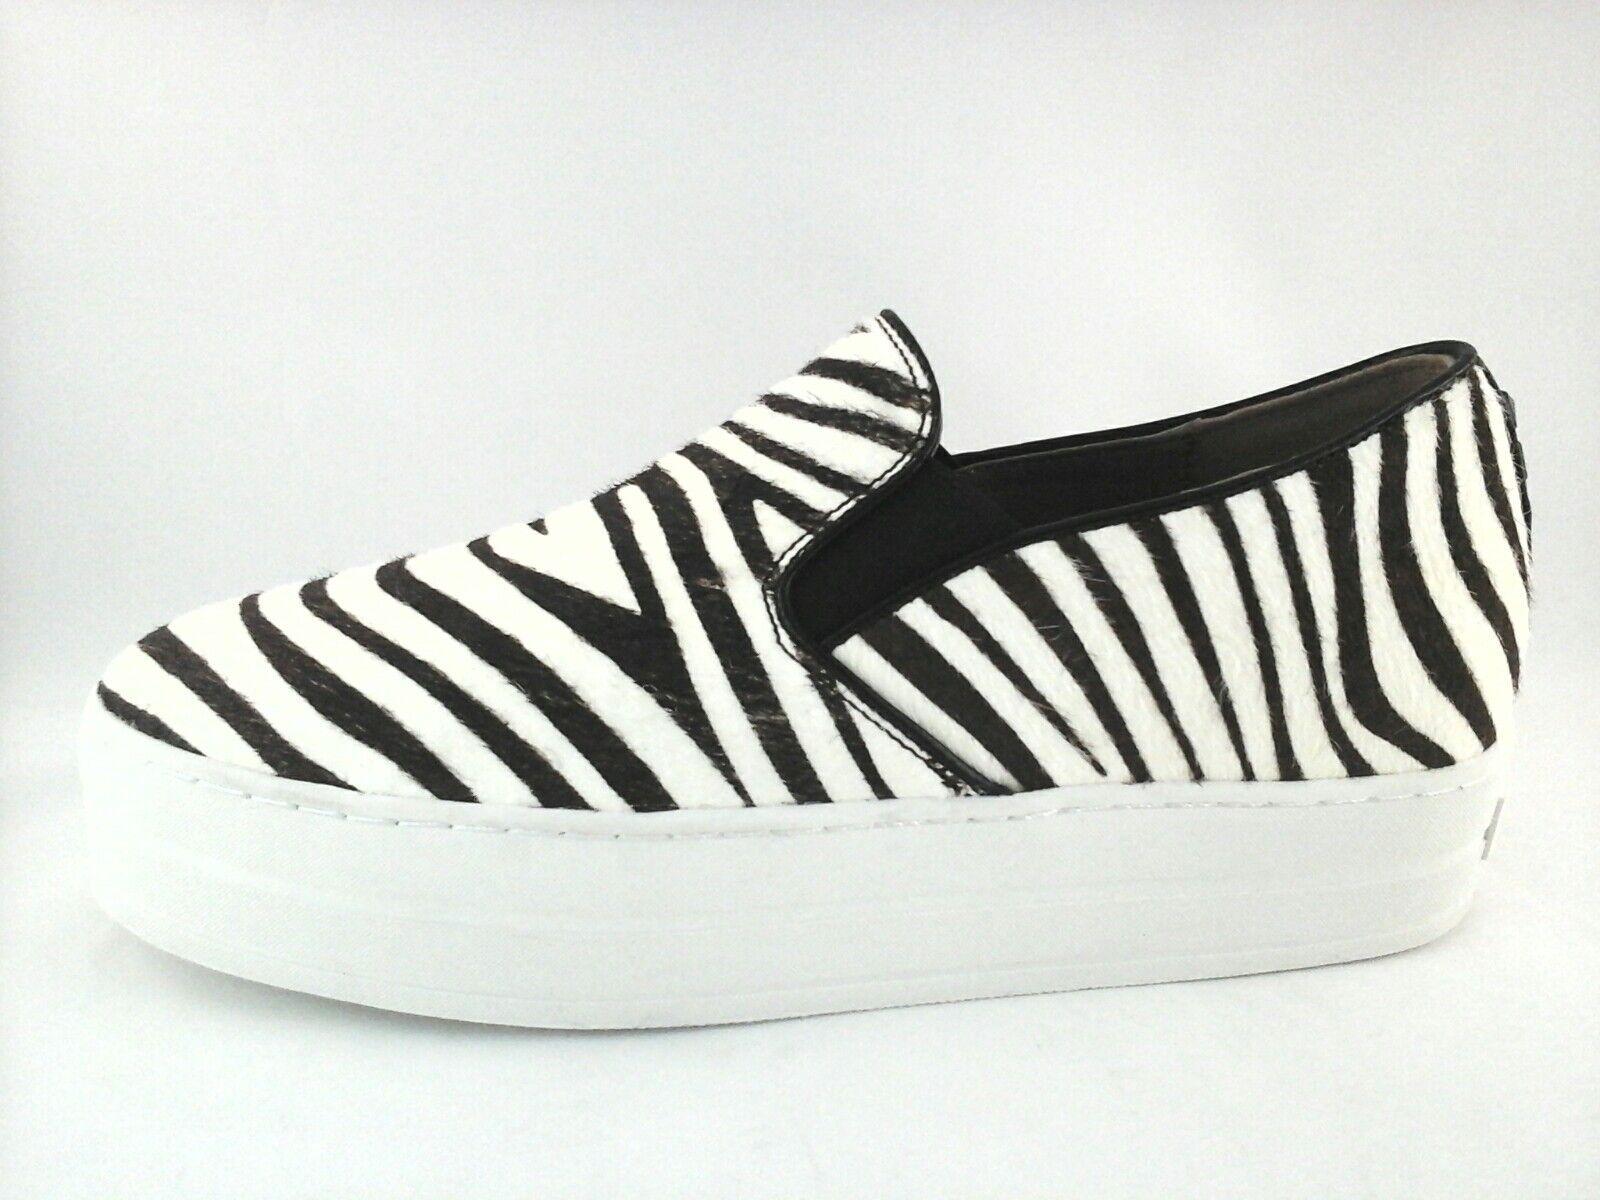 Sketchers Rise Fit Damenschuhe Platform Zebra Leder Back Studded Back Leder Slip-Ons US 9.5 381848